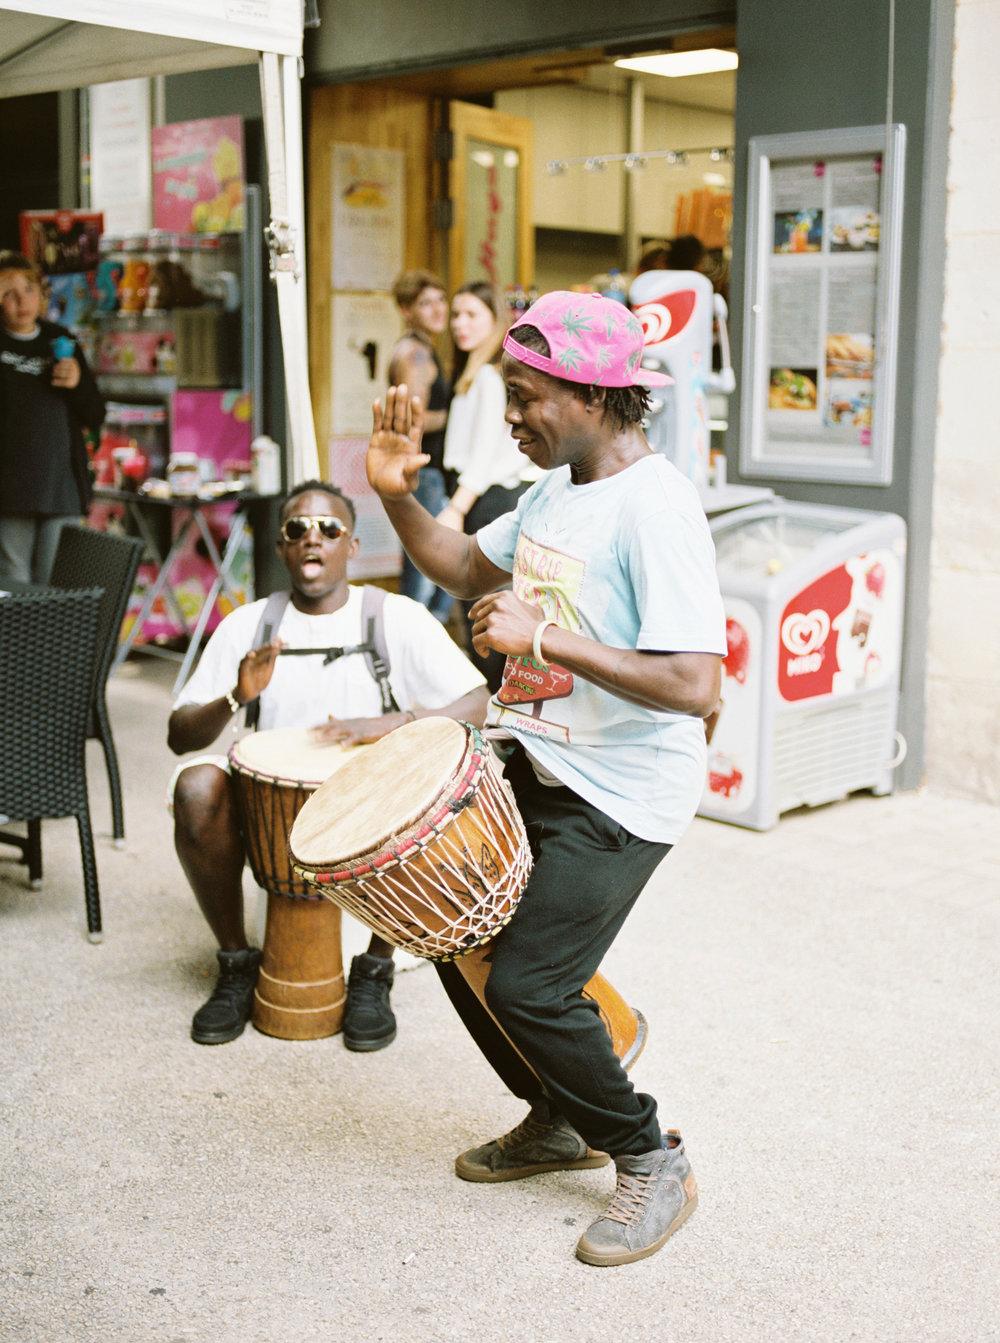 Street performers in Paris, France.